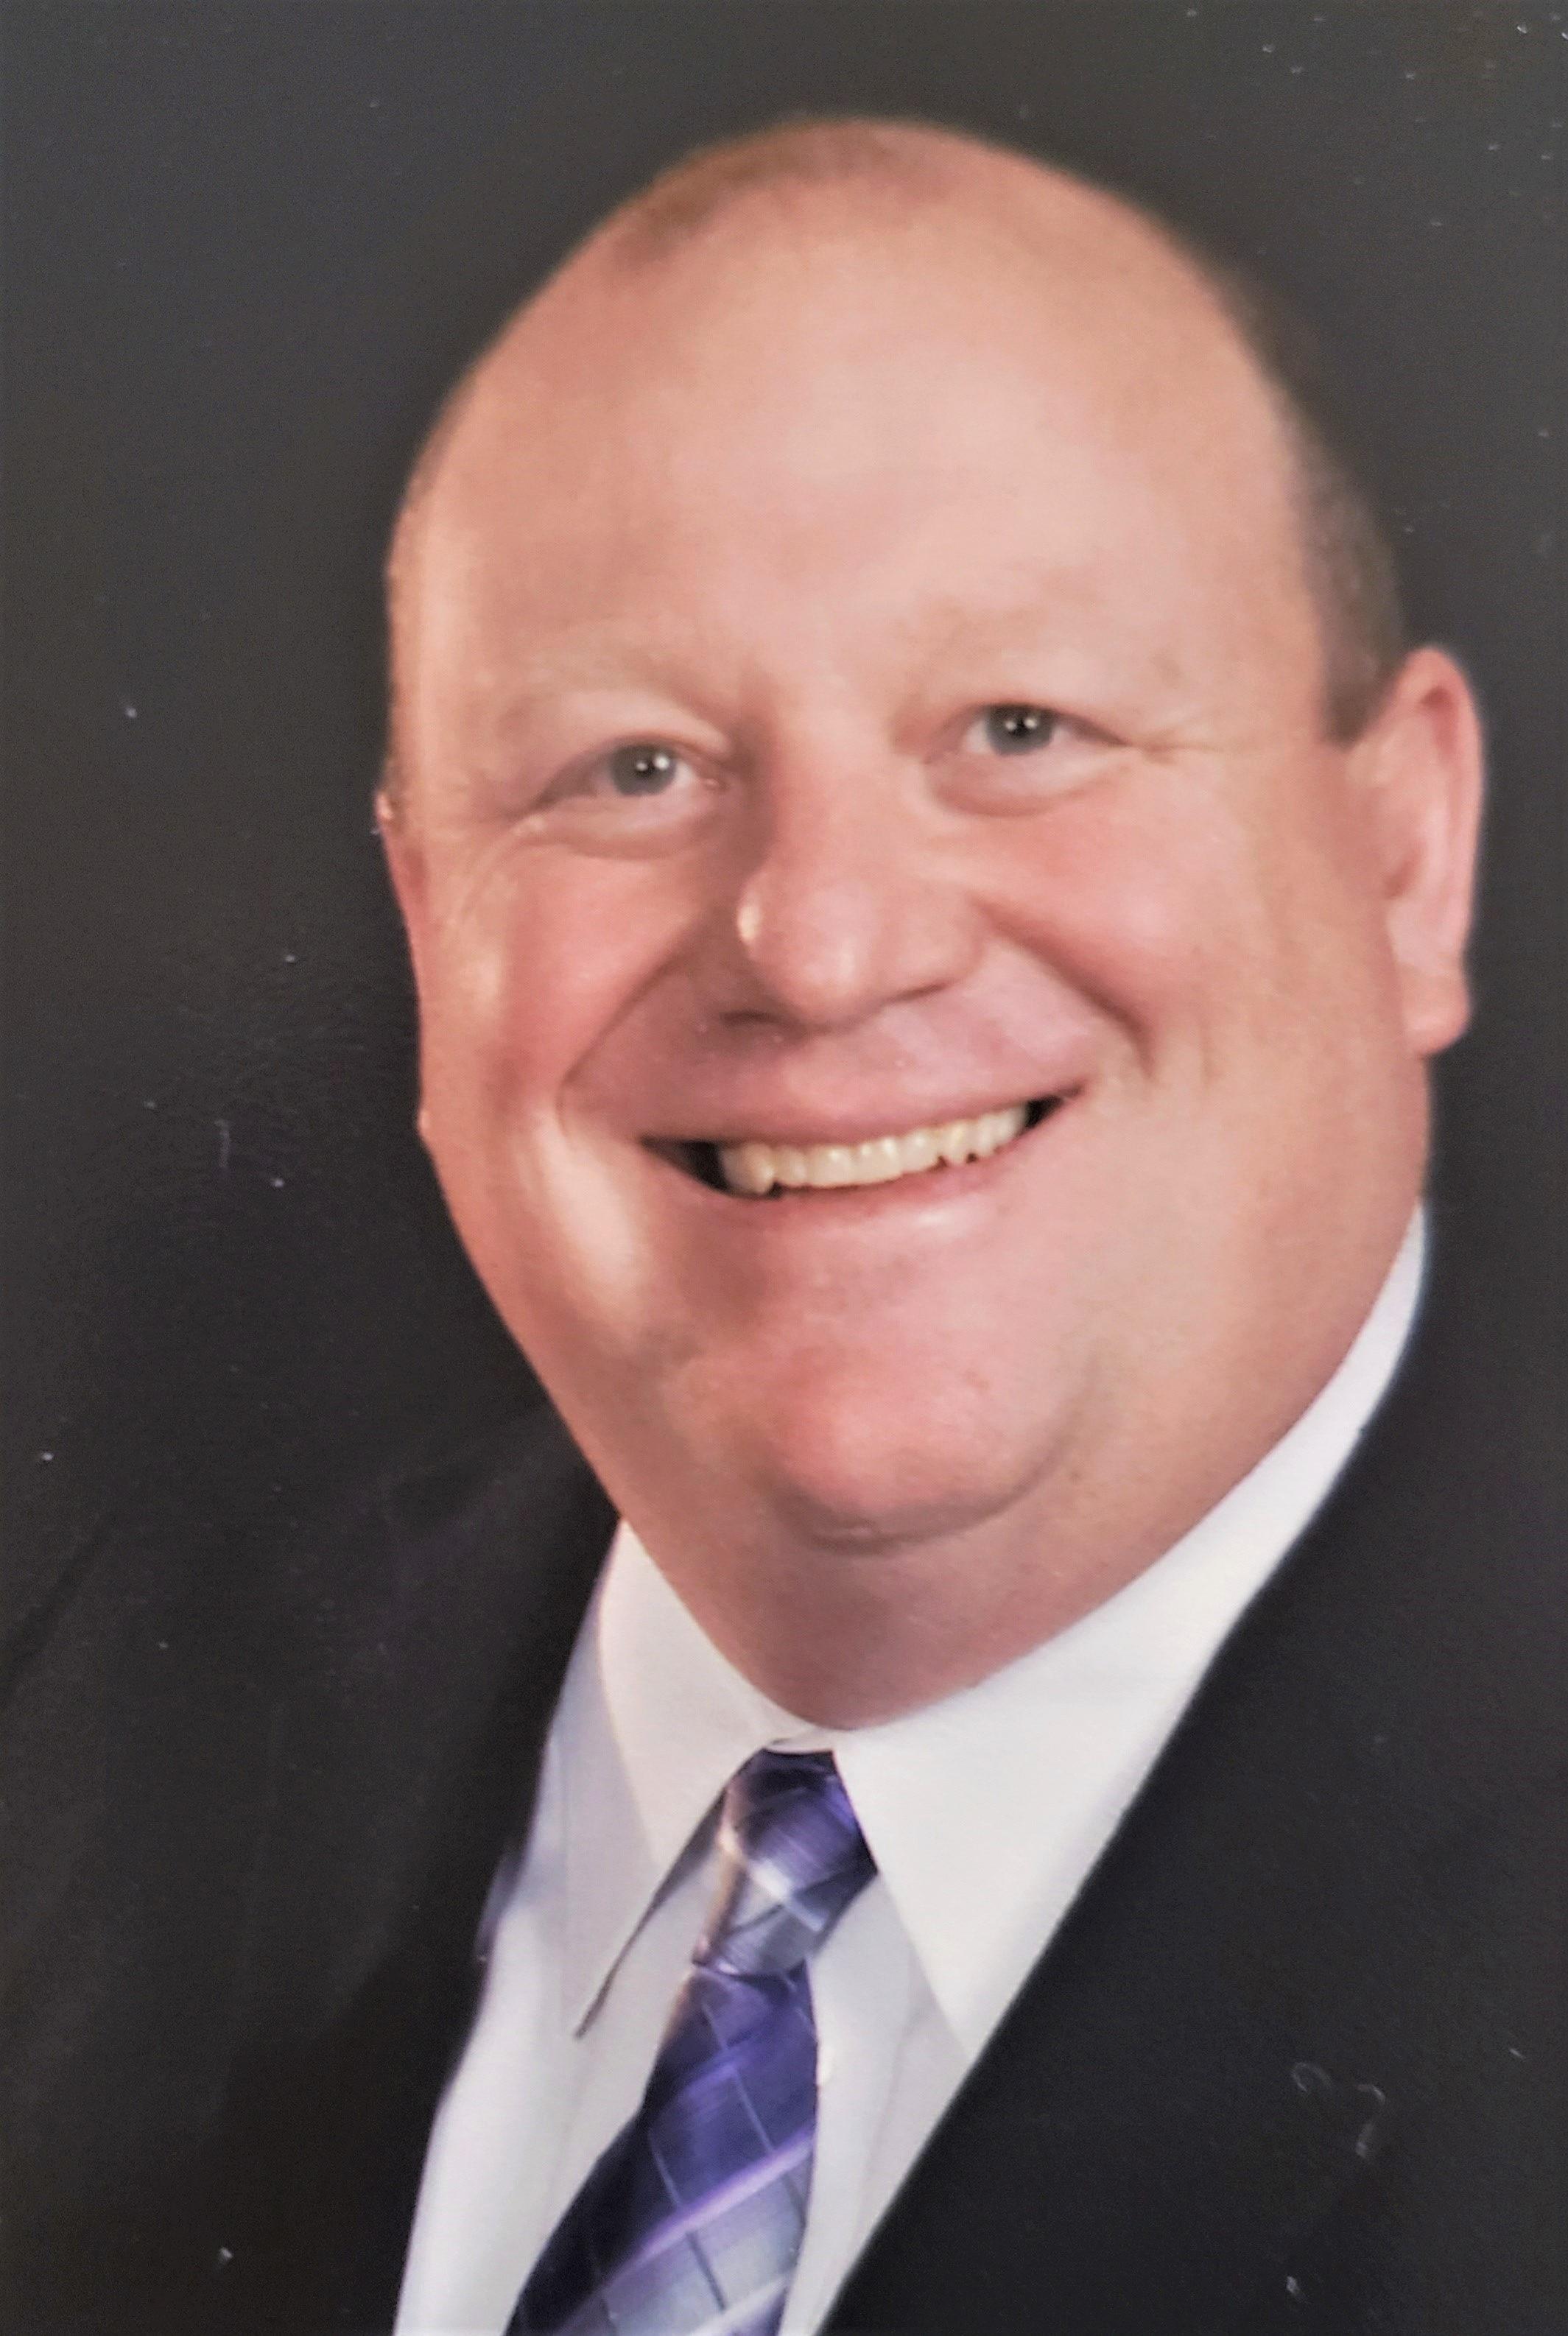 ROBERT AHRENS Financial Professional & Insurance Agent